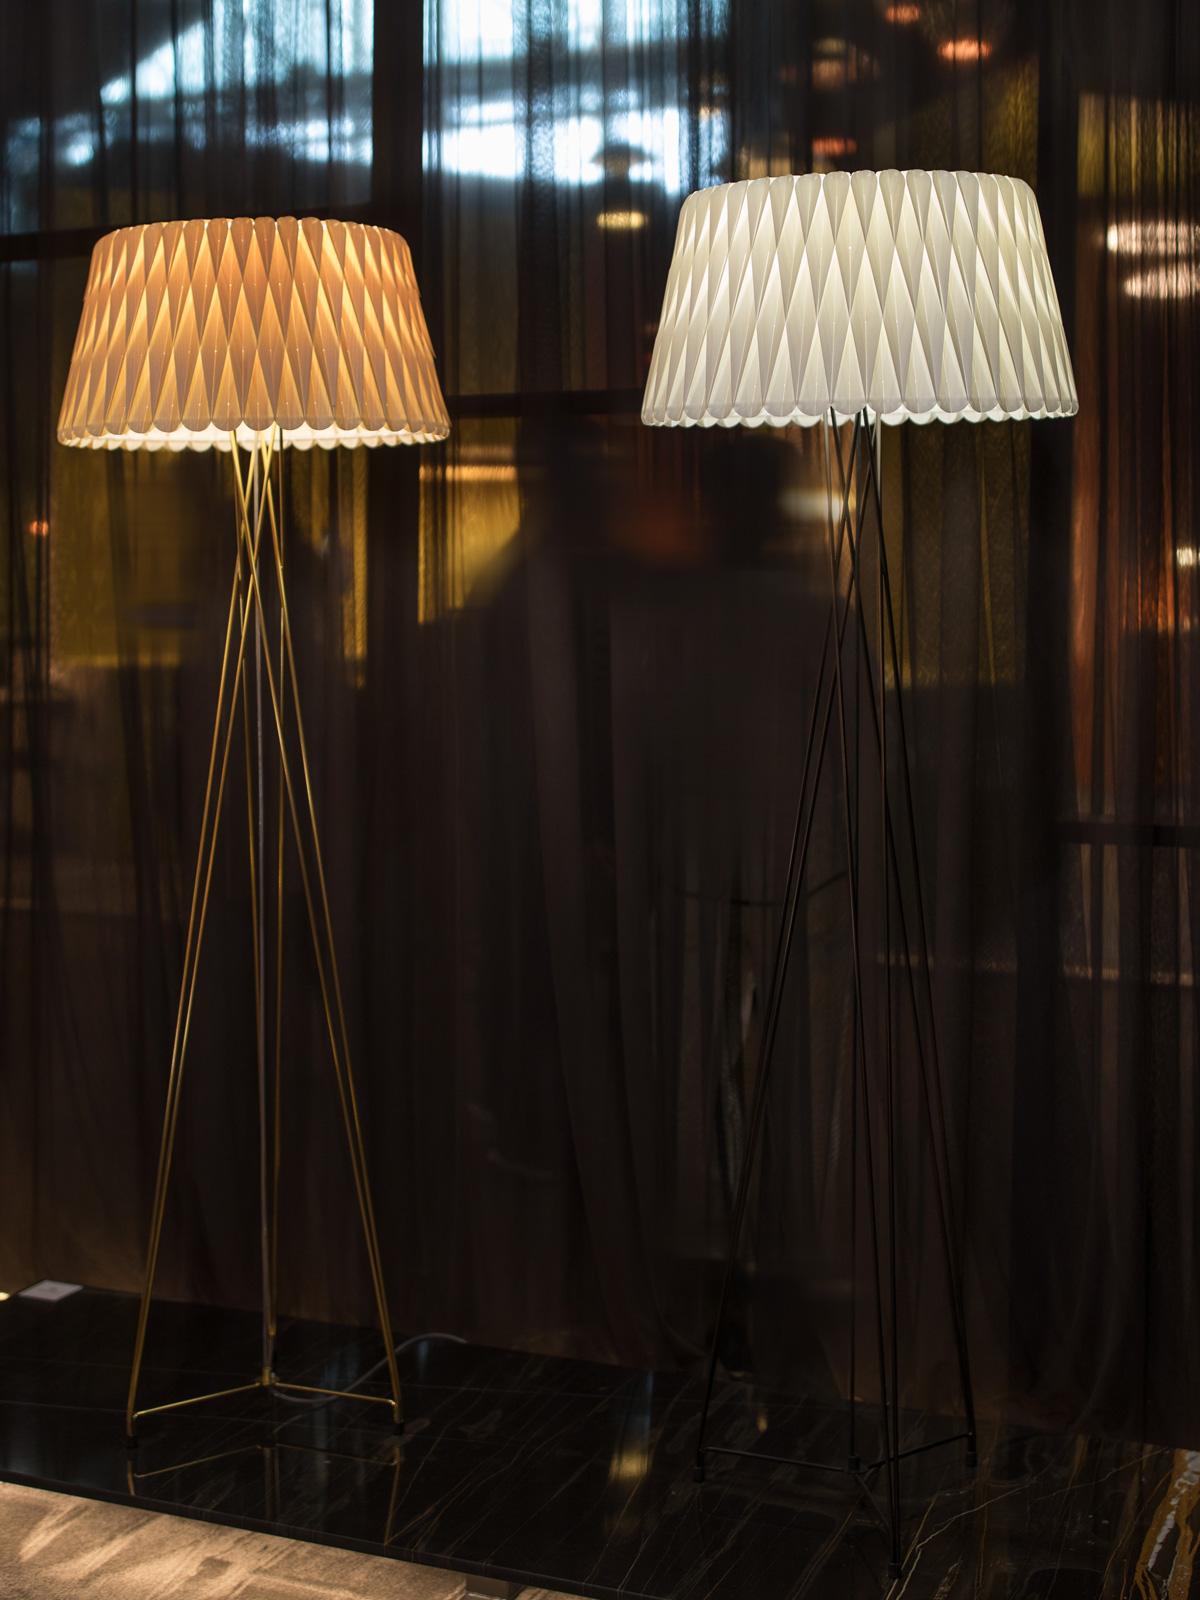 Lola Stehleuchte LZF Lamps Holzleuchte DesignORt Berlin Lampen